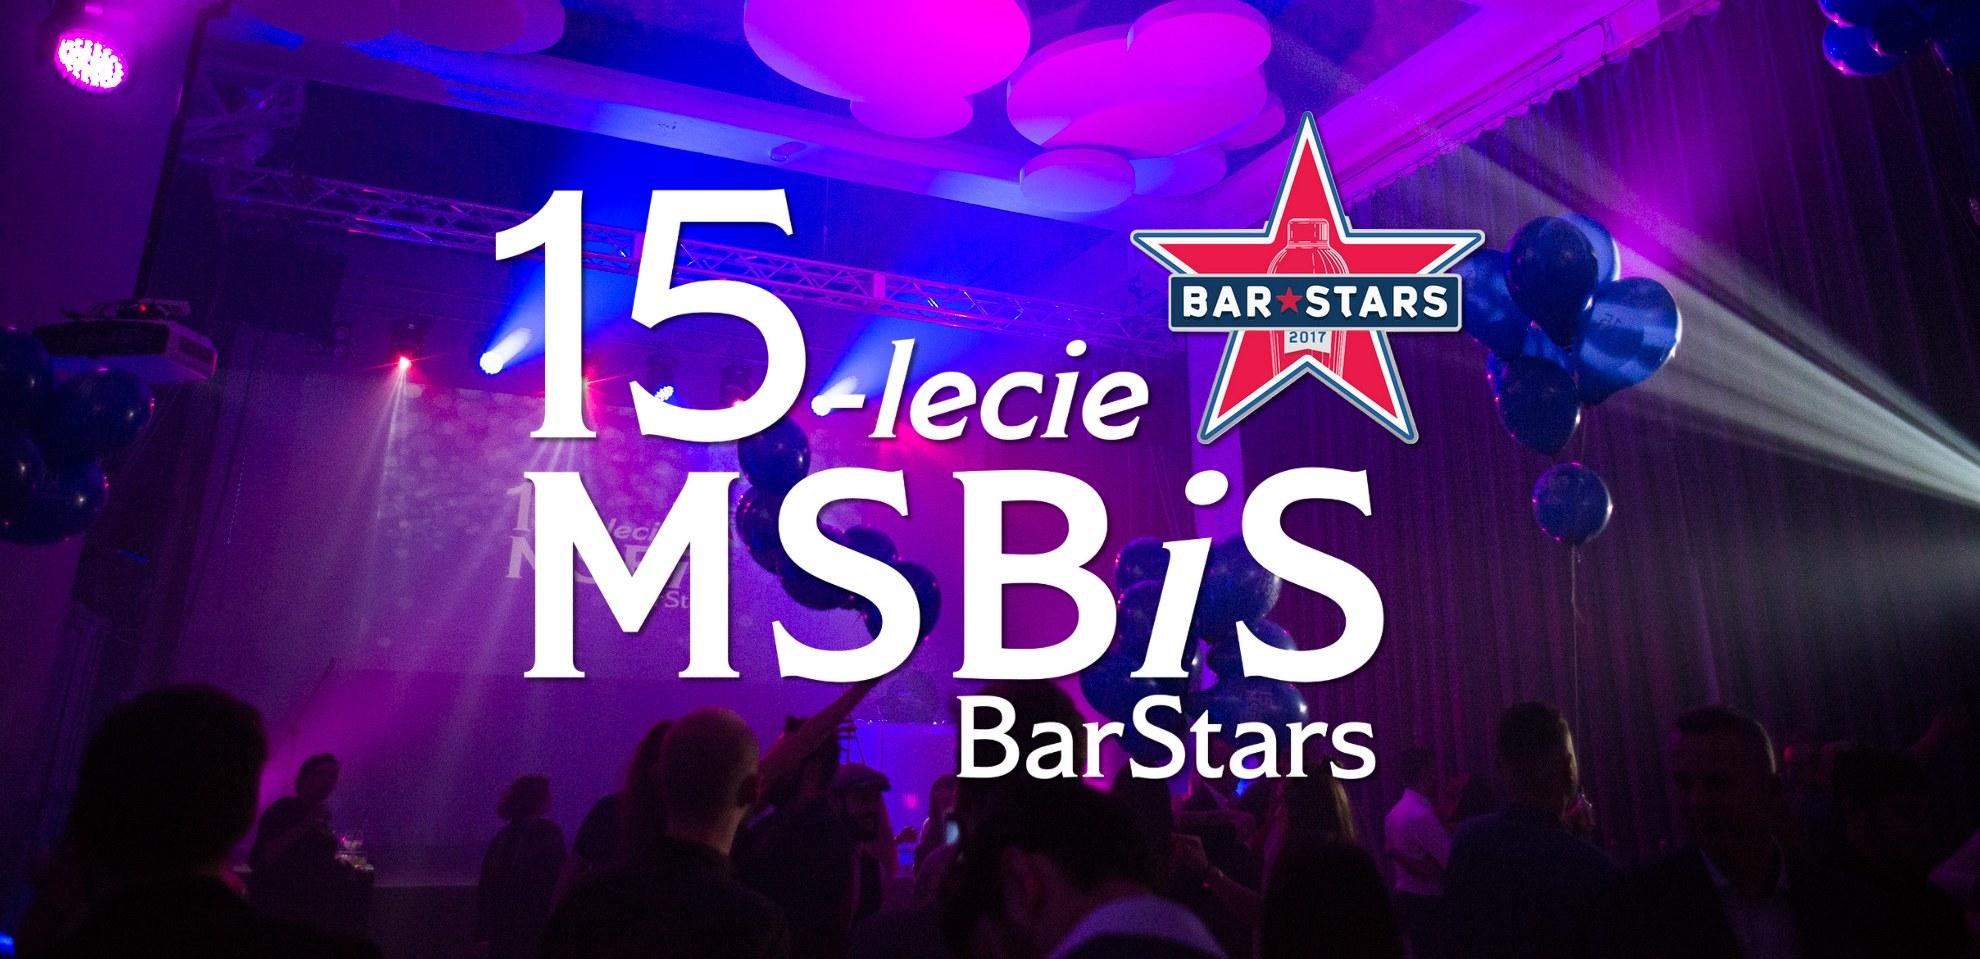 15 lecie Międzynarodowej Szkoły Barmanów